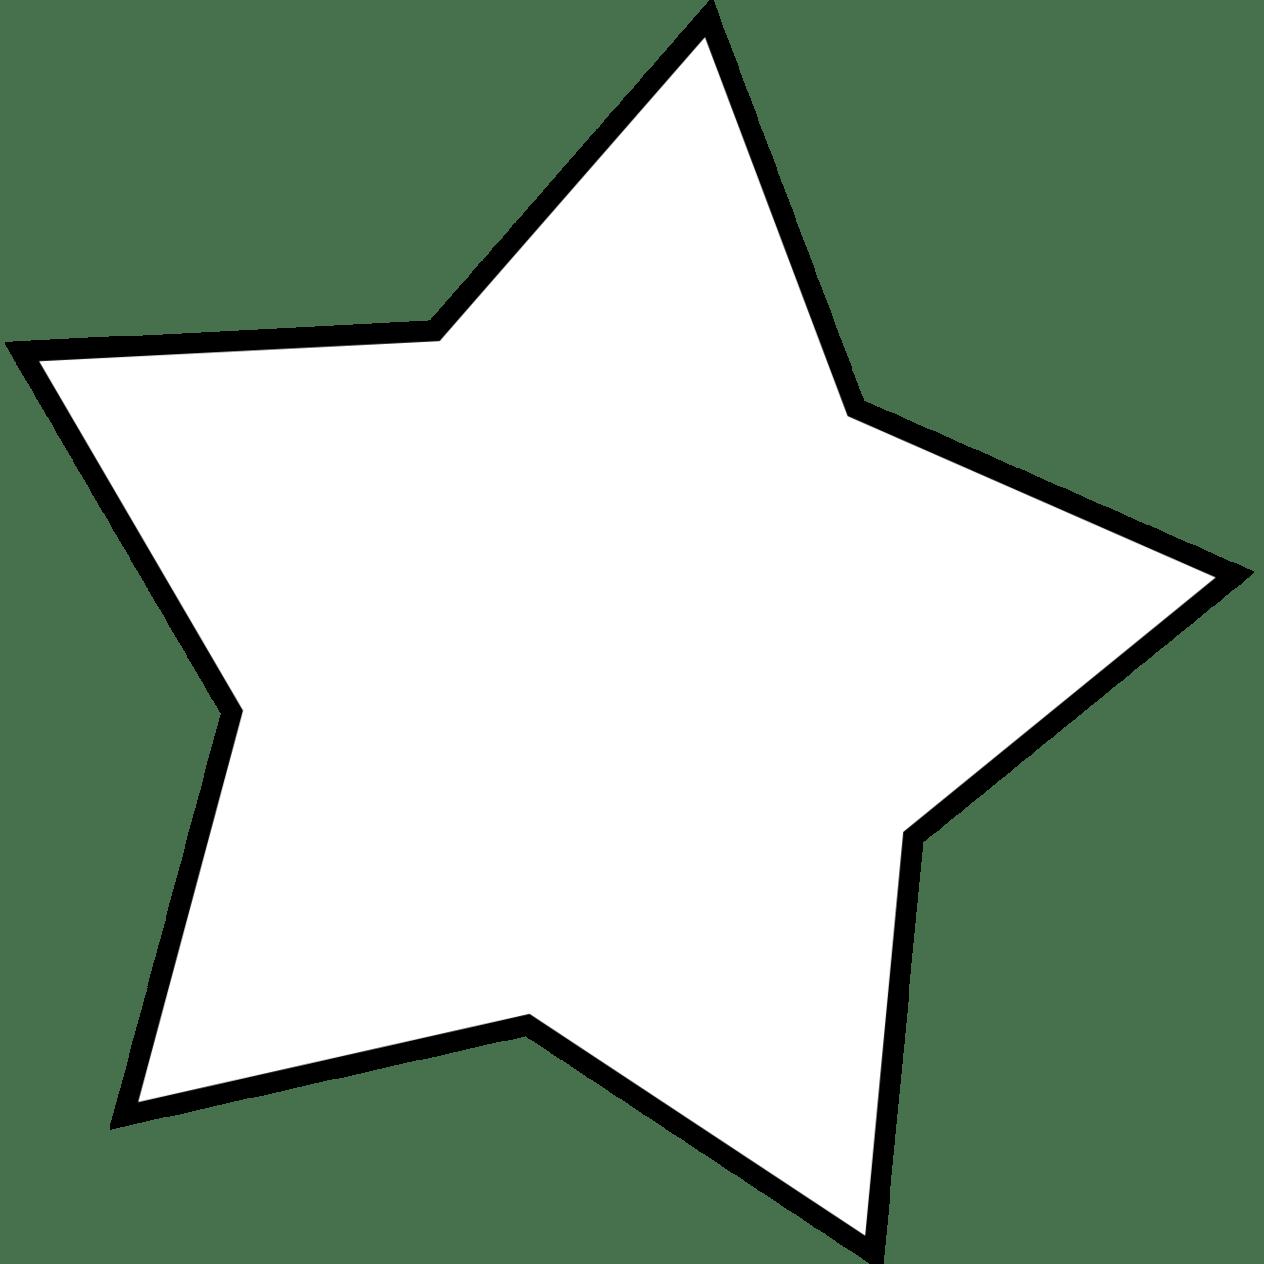 White Star Clipart